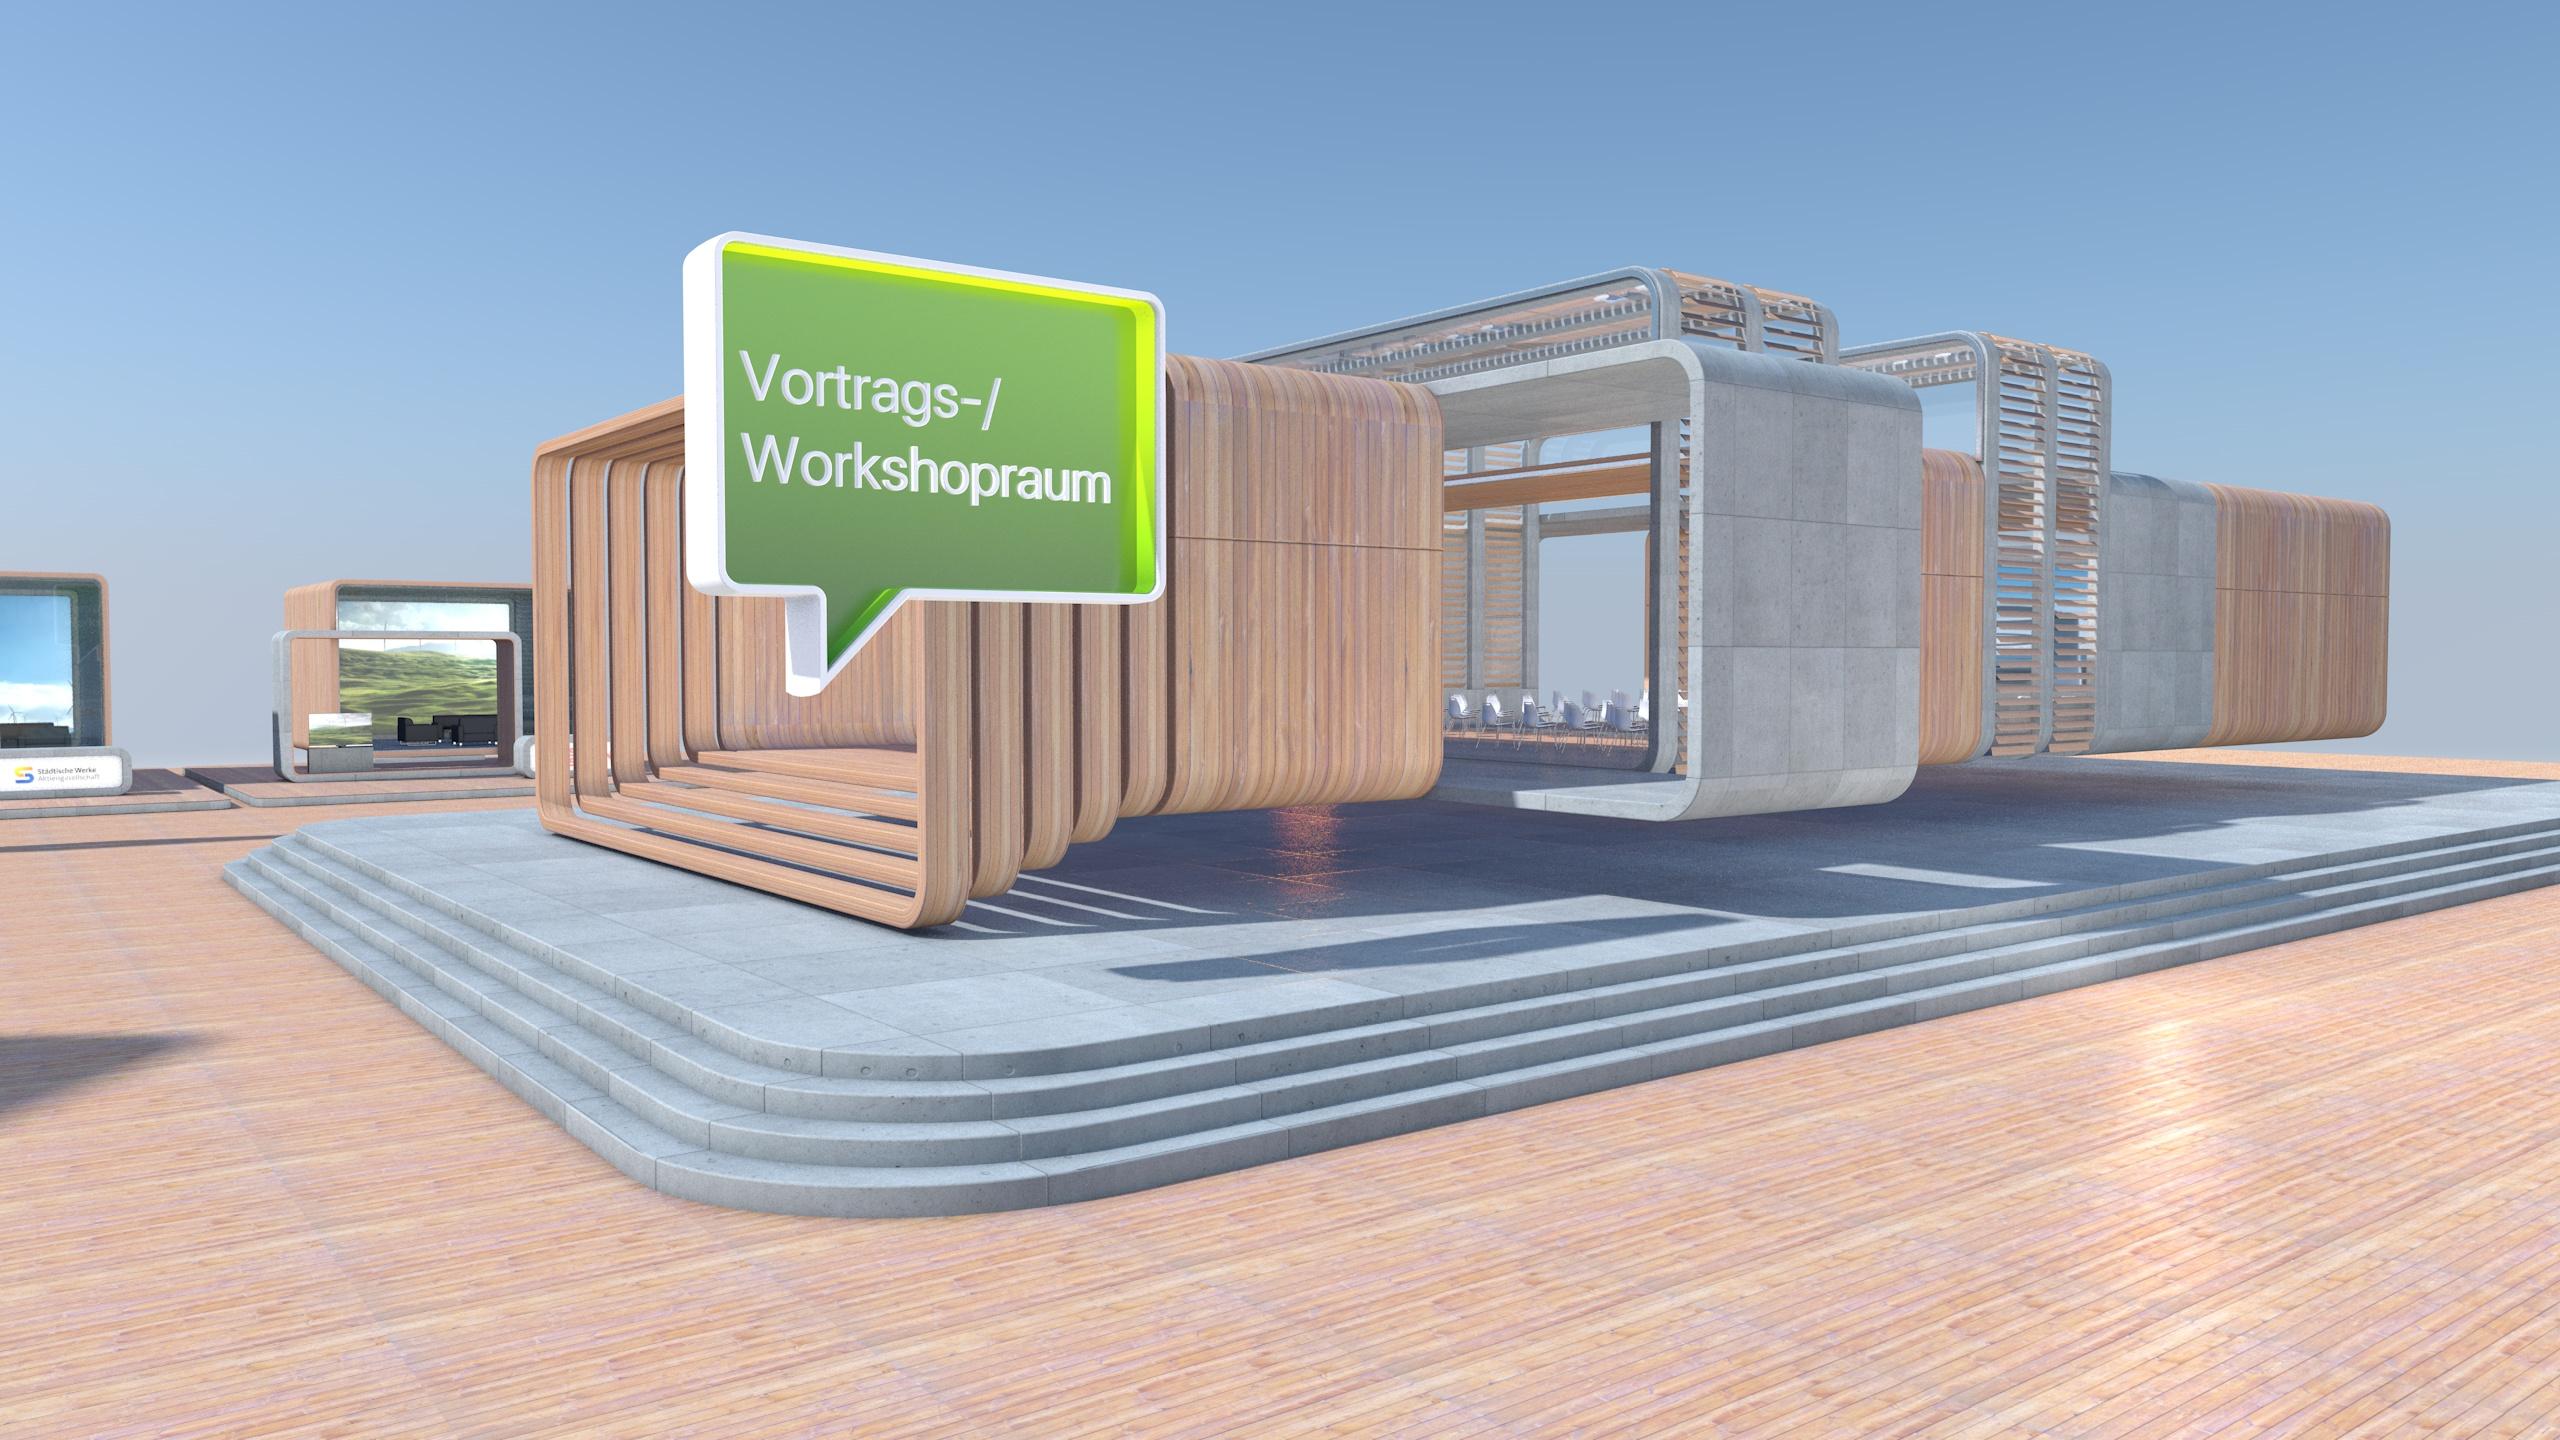 Der Entwurf des virtuellen Zukunftsforums